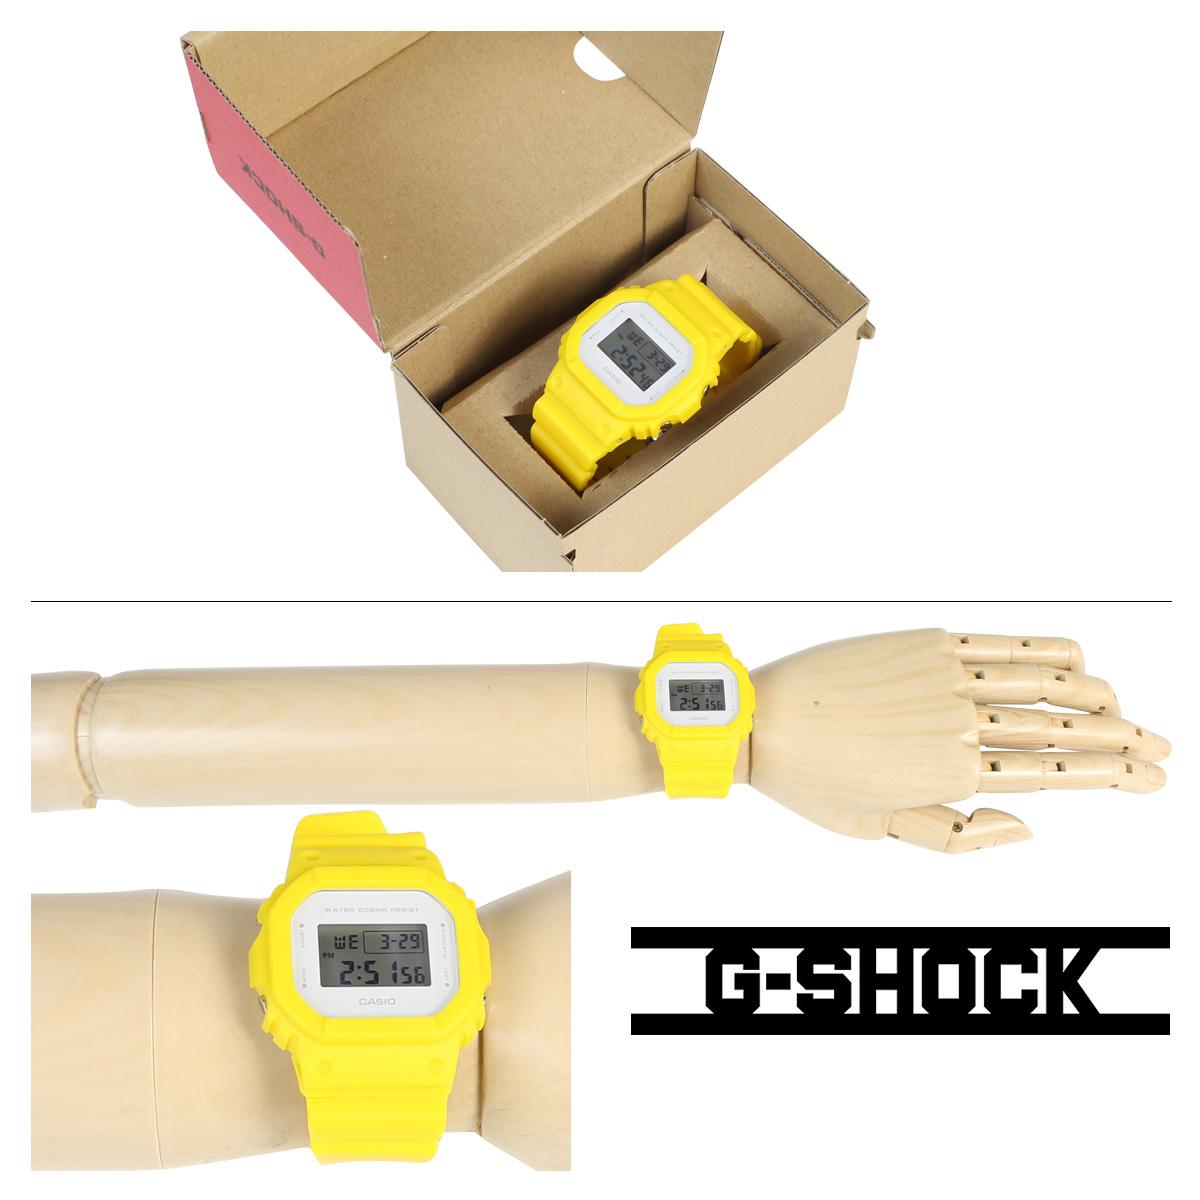 卡西欧CASIO手表G-SHOCK 5600男子的钟表DW-5600CU-9JF G打击G打击G-打击女士黄色防水[3/28新进货]